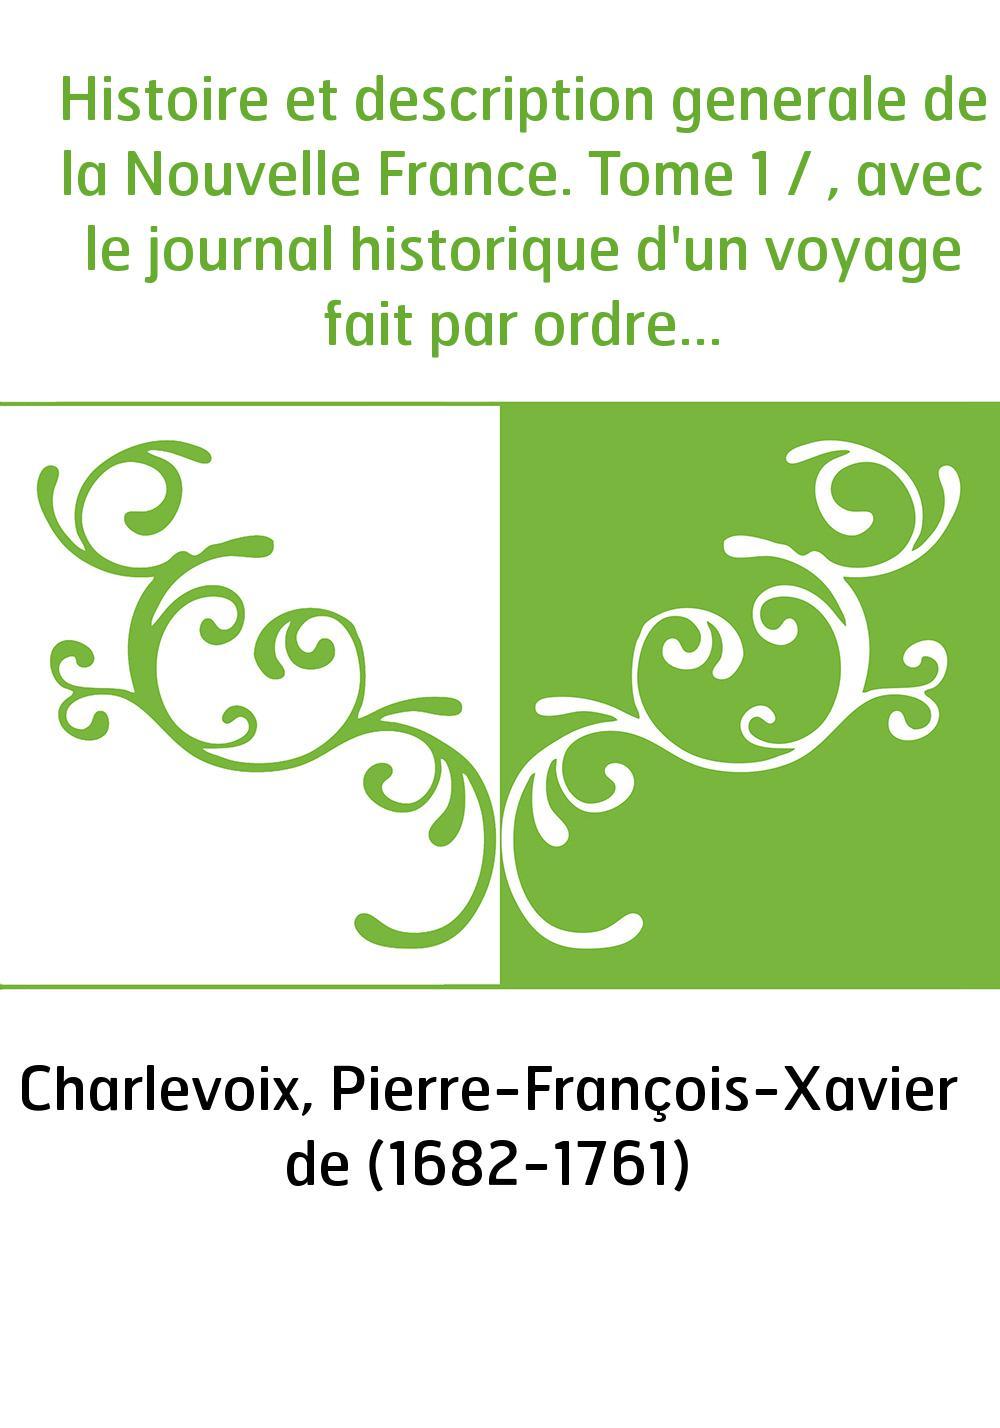 Histoire et description generale de la Nouvelle France. Tome 1 / , avec le journal historique d'un voyage fait par ordre du Roi